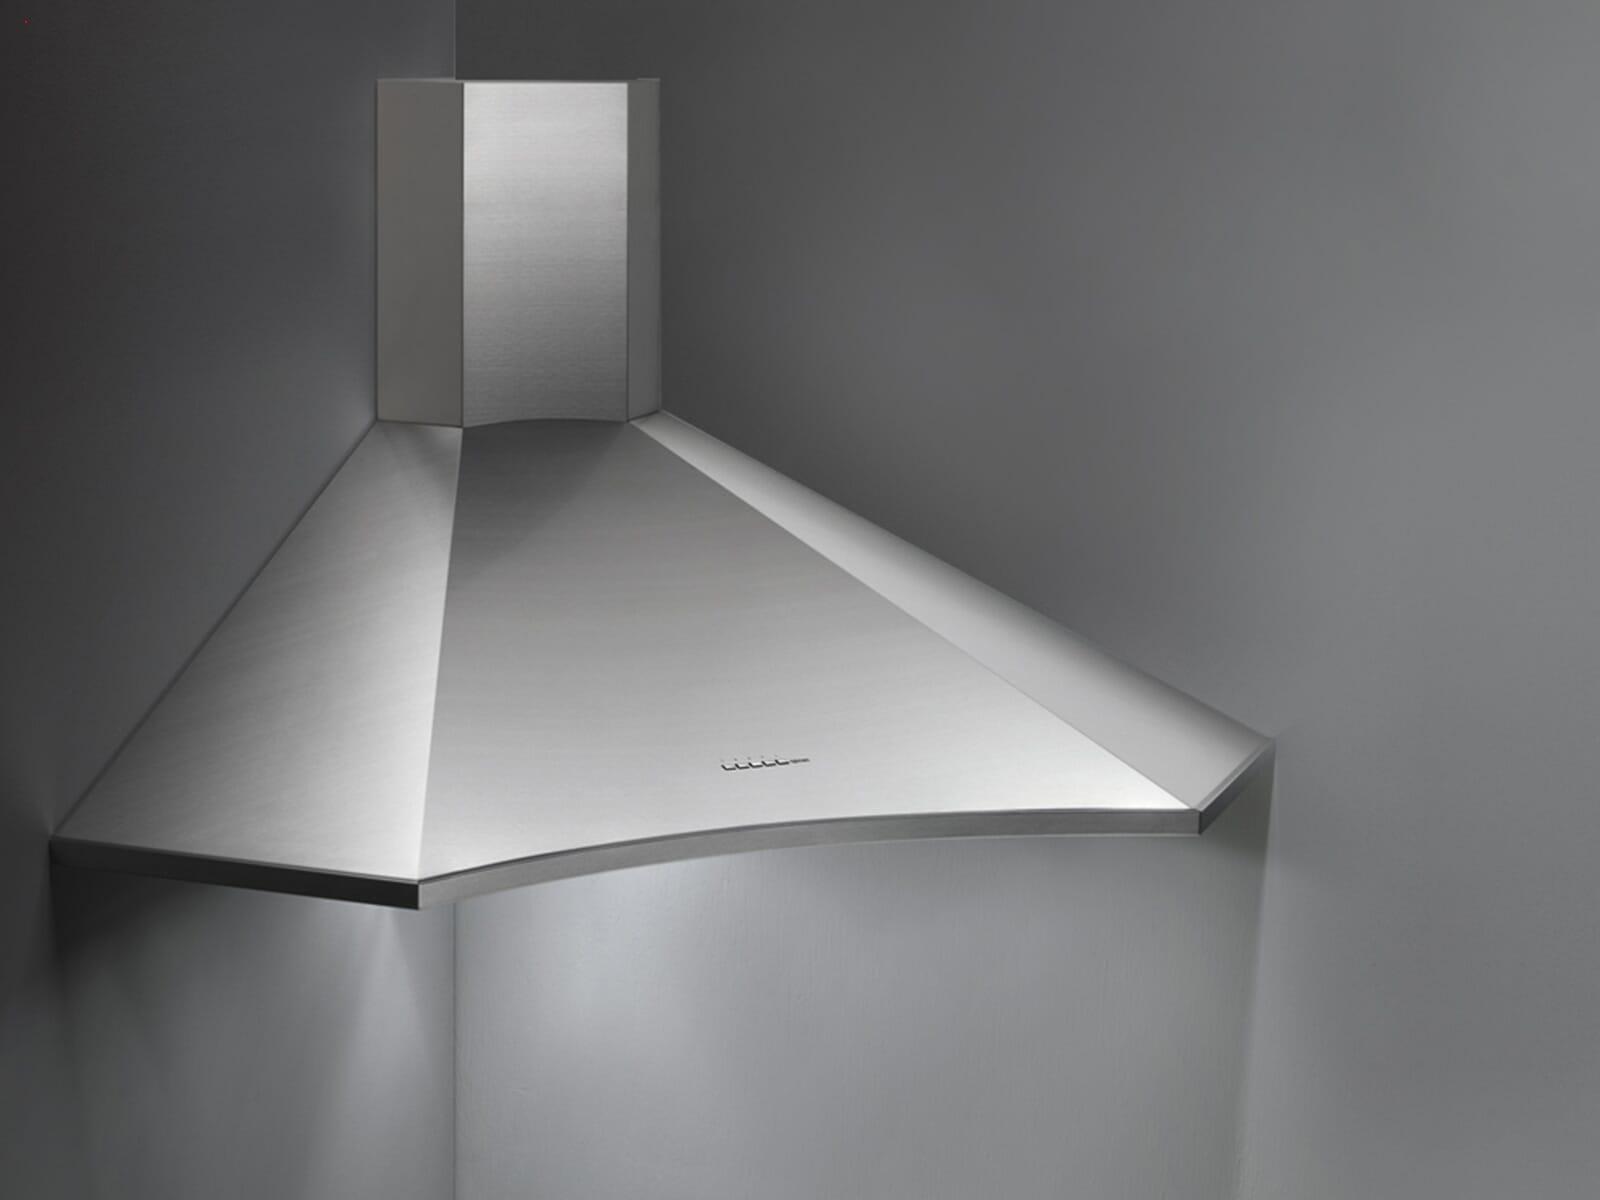 Falmec Elios Eckhaube 100 cm Edelstahl